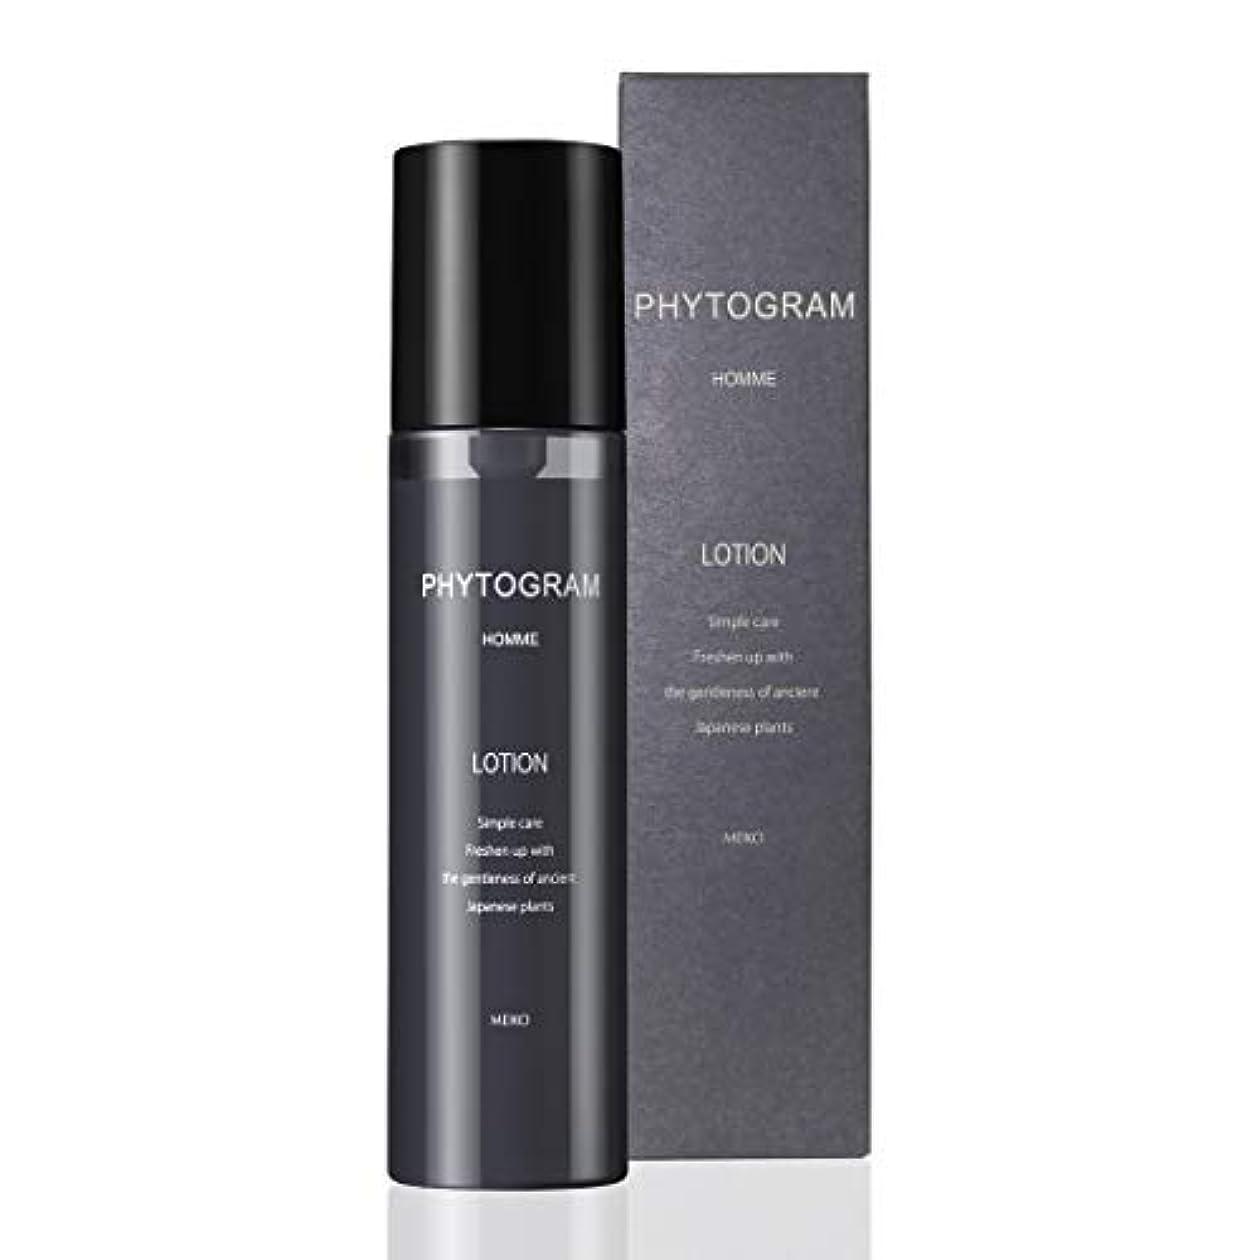 ブランドママ密メンズ 化粧水 150mL ( 男性用 ローション 保湿 ナチュラル 植物 日本製 )【 フィトグラム 】